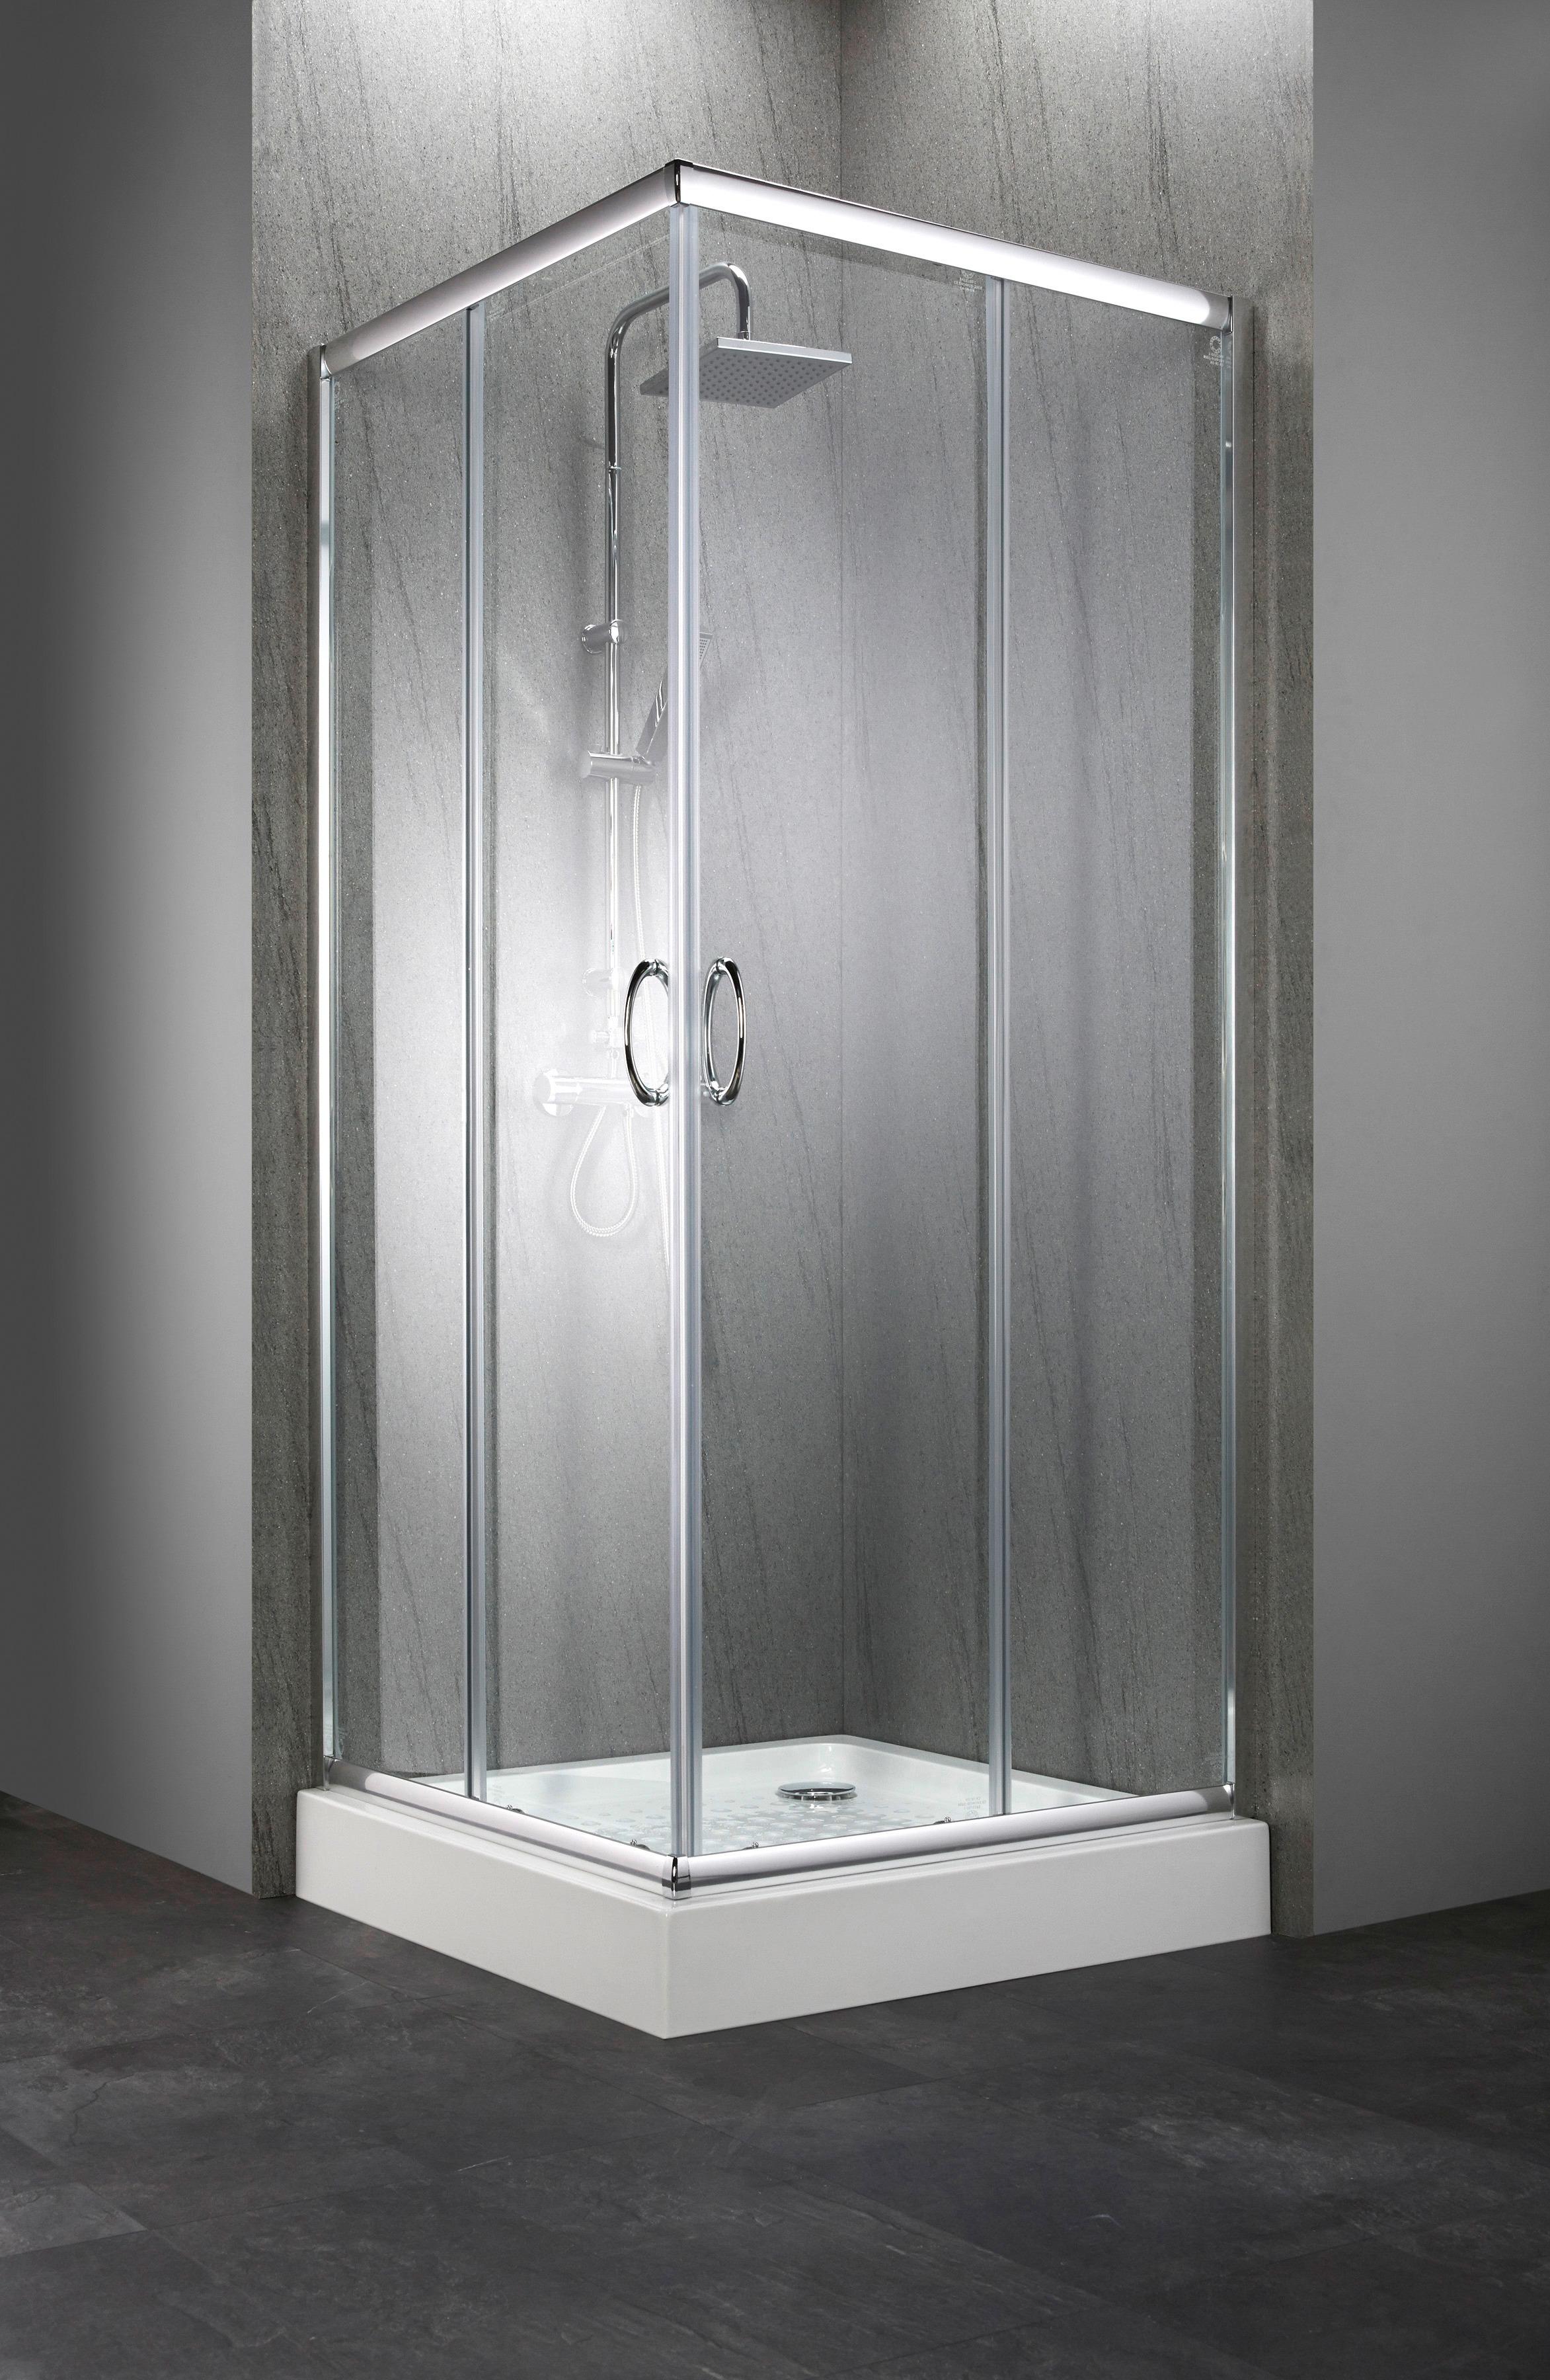 Komplett-Set: Eckdusche »Summer«, Eckeinstieg, inkl. Duschwanne, BxT: 90 x  90 cm online bestellen | BAUR